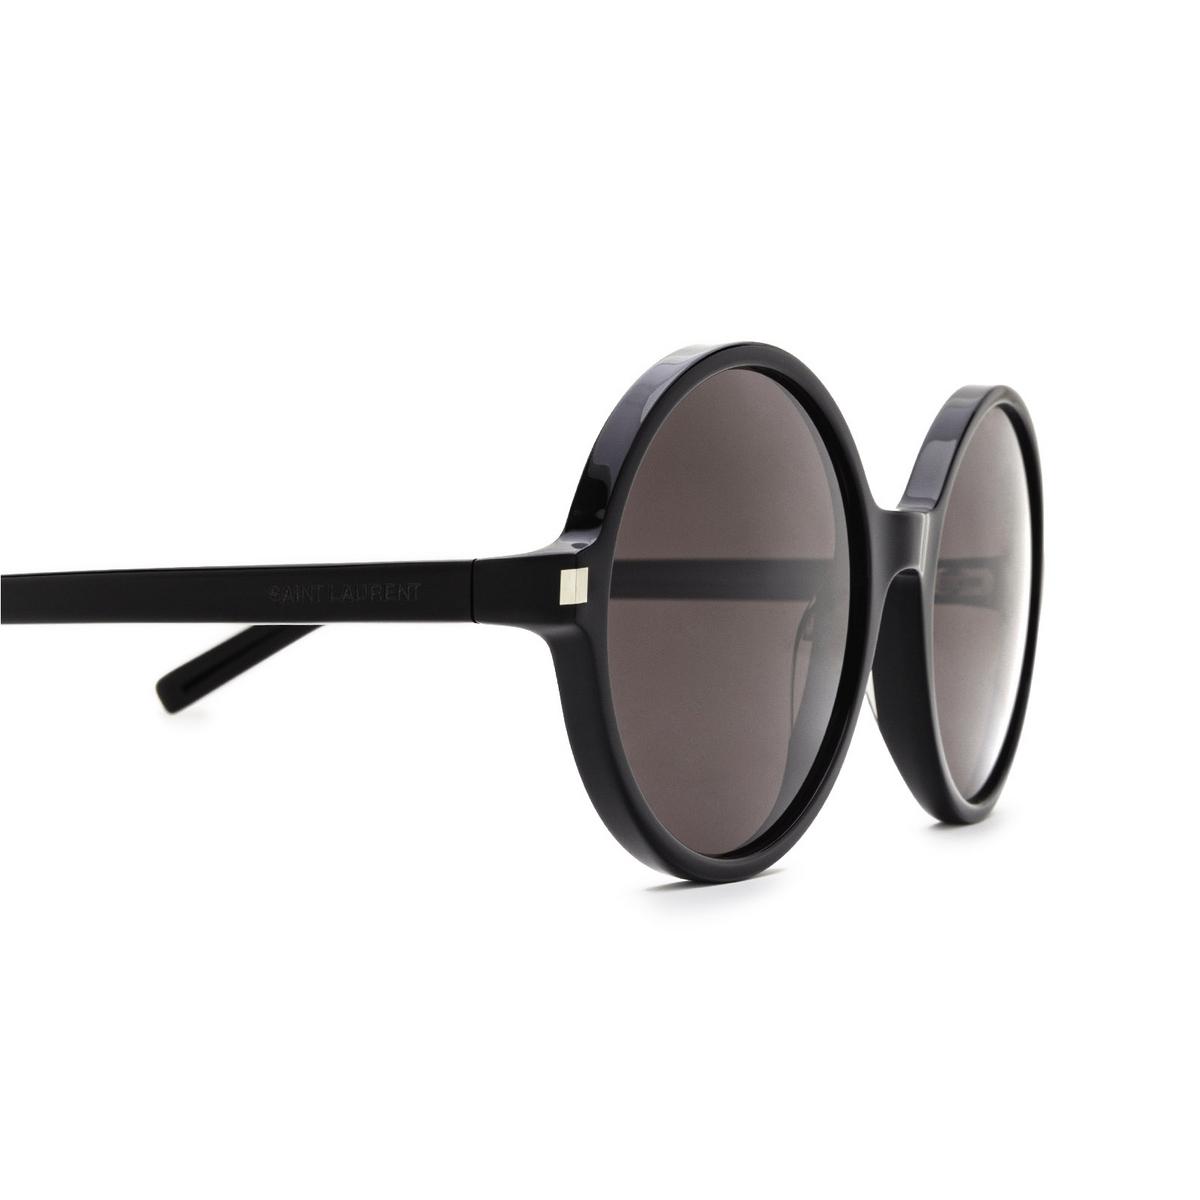 Saint Laurent® Round Sunglasses: SL 450 color Black 001 - 3/3.